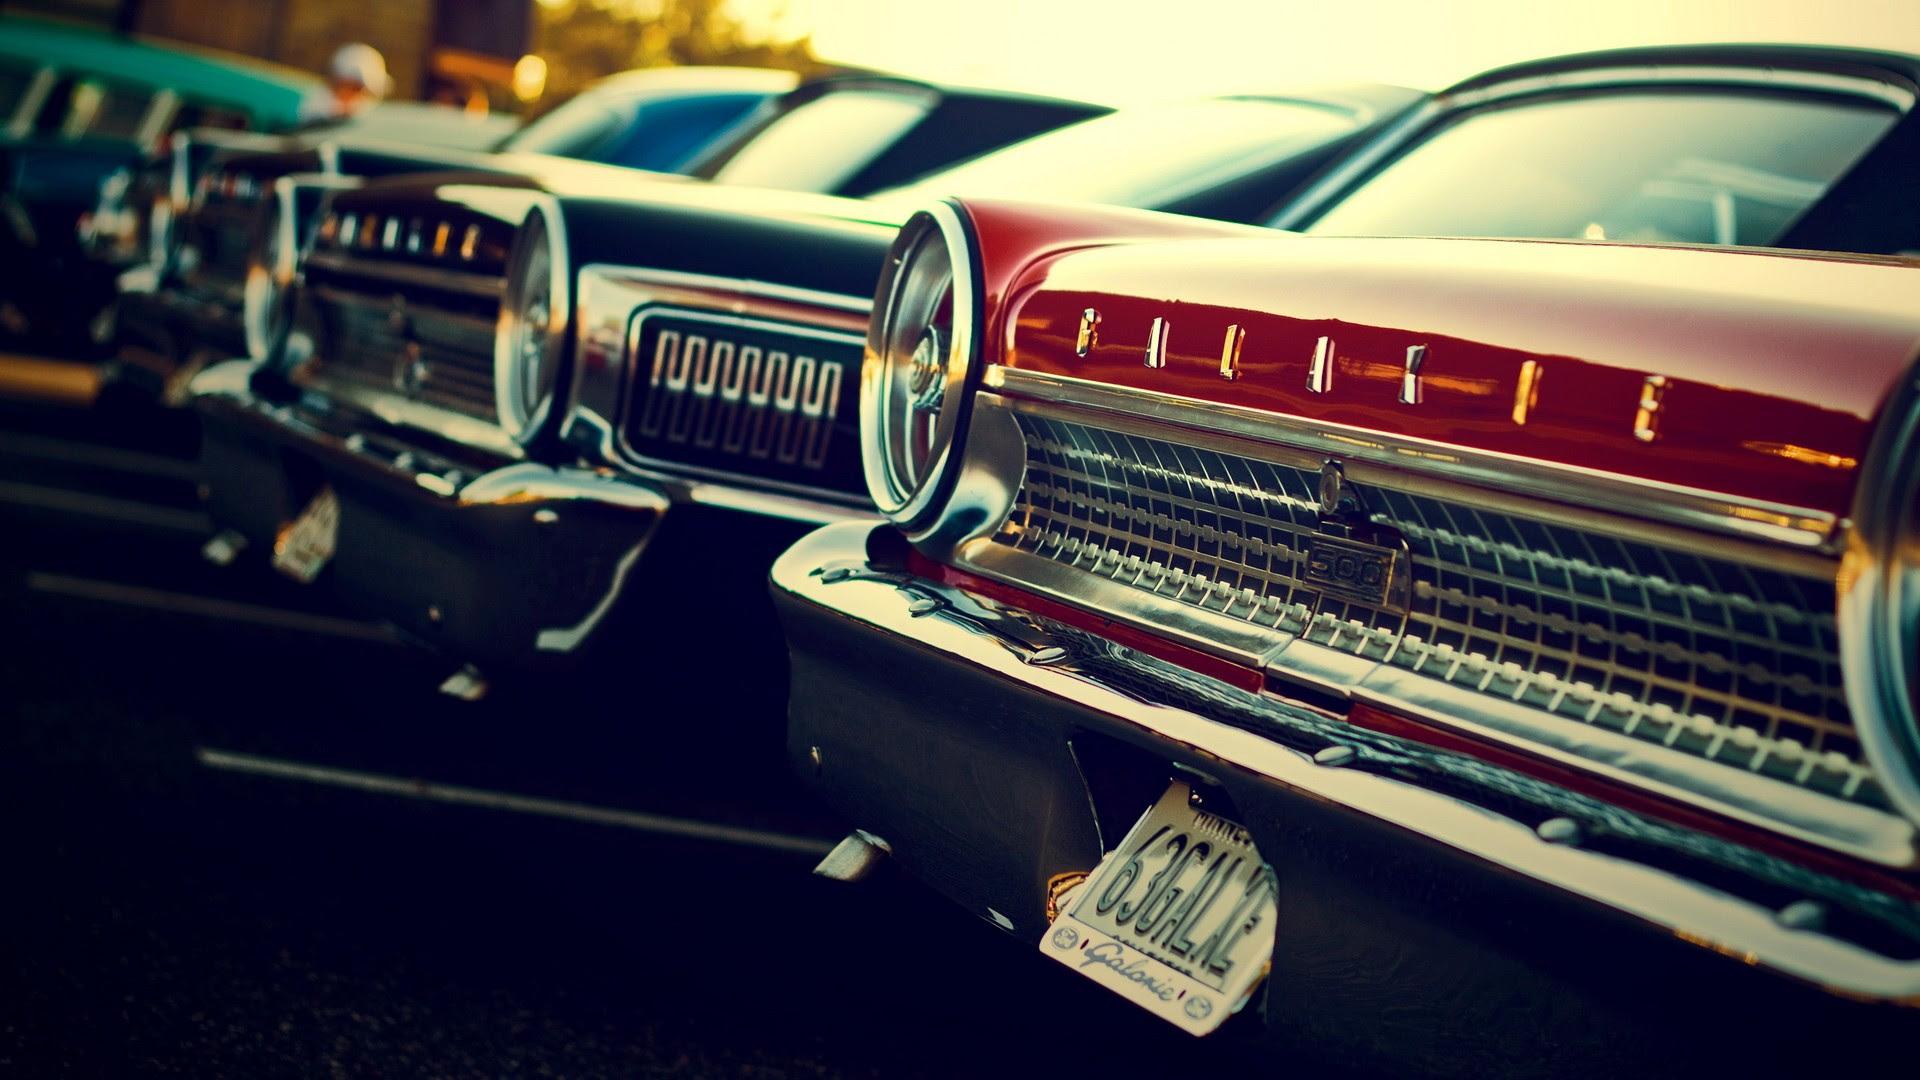 HD Wallpapers Classic Cars  WallpaperSafari